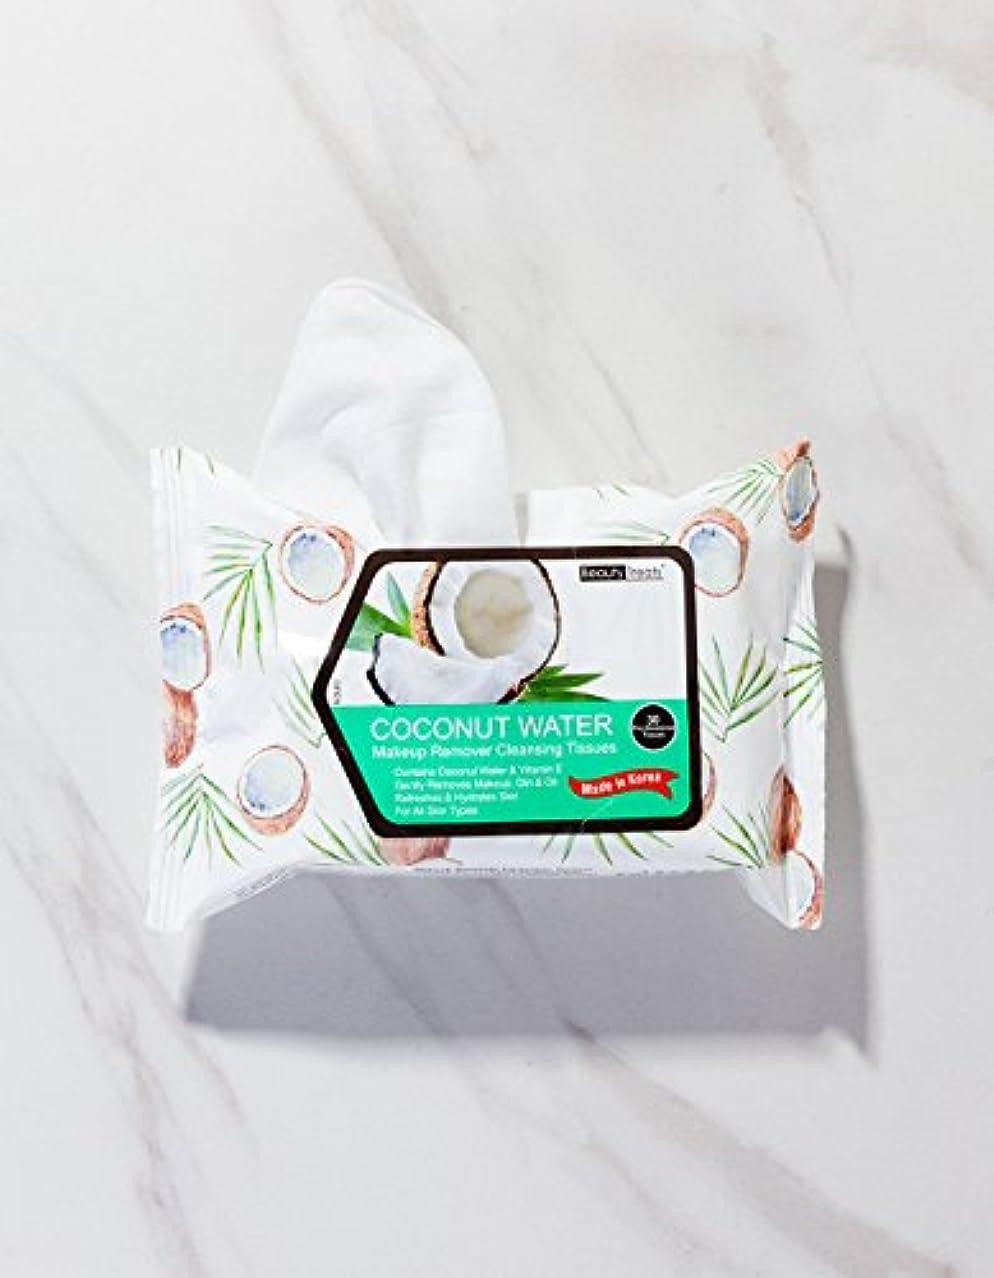 黒くする知るとティームBEAUTY TREATS Coconut Water Makeup Remover Cleaning Tissues (並行輸入品)